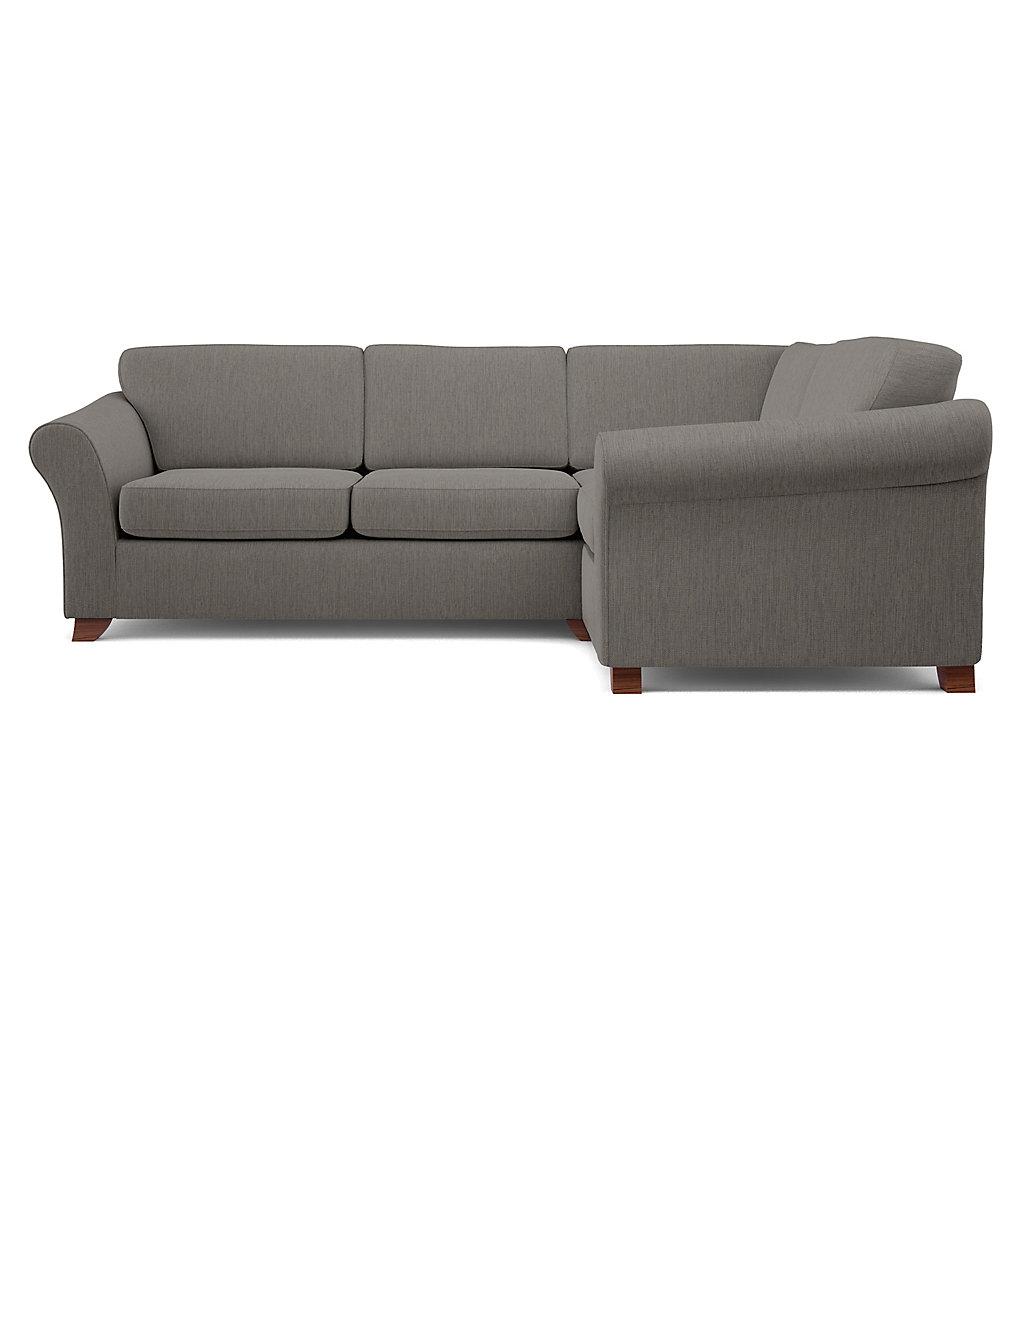 Abbey Small Corner Sofa Right Hand